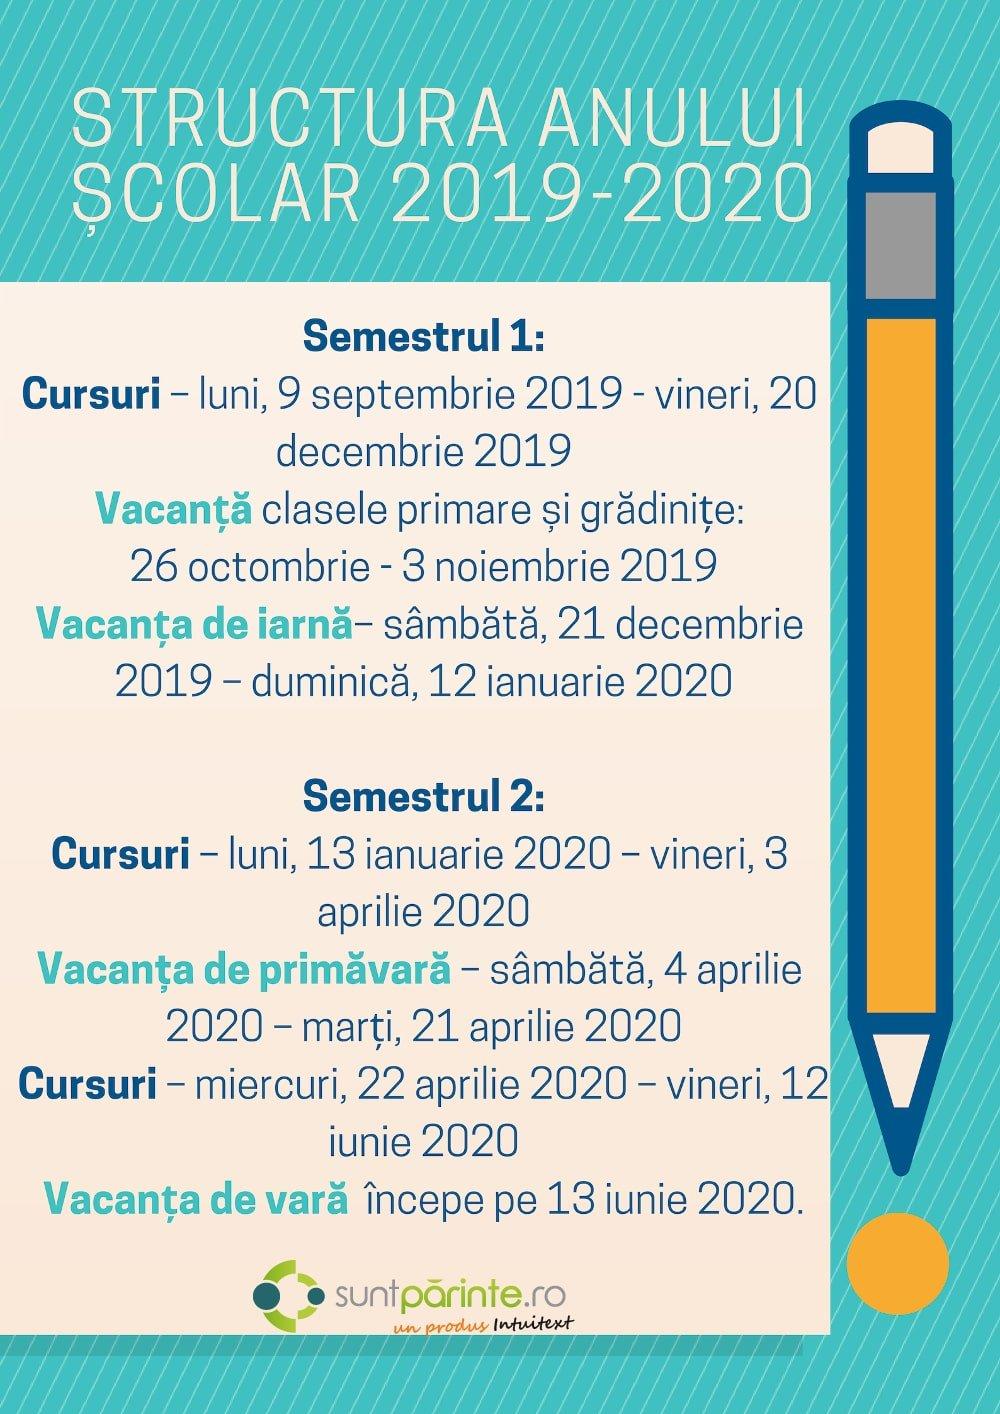 Structura Anului Scolar 2019-2020 - Suntparinte.ro Calendar Scolar 2019 Clasa 8